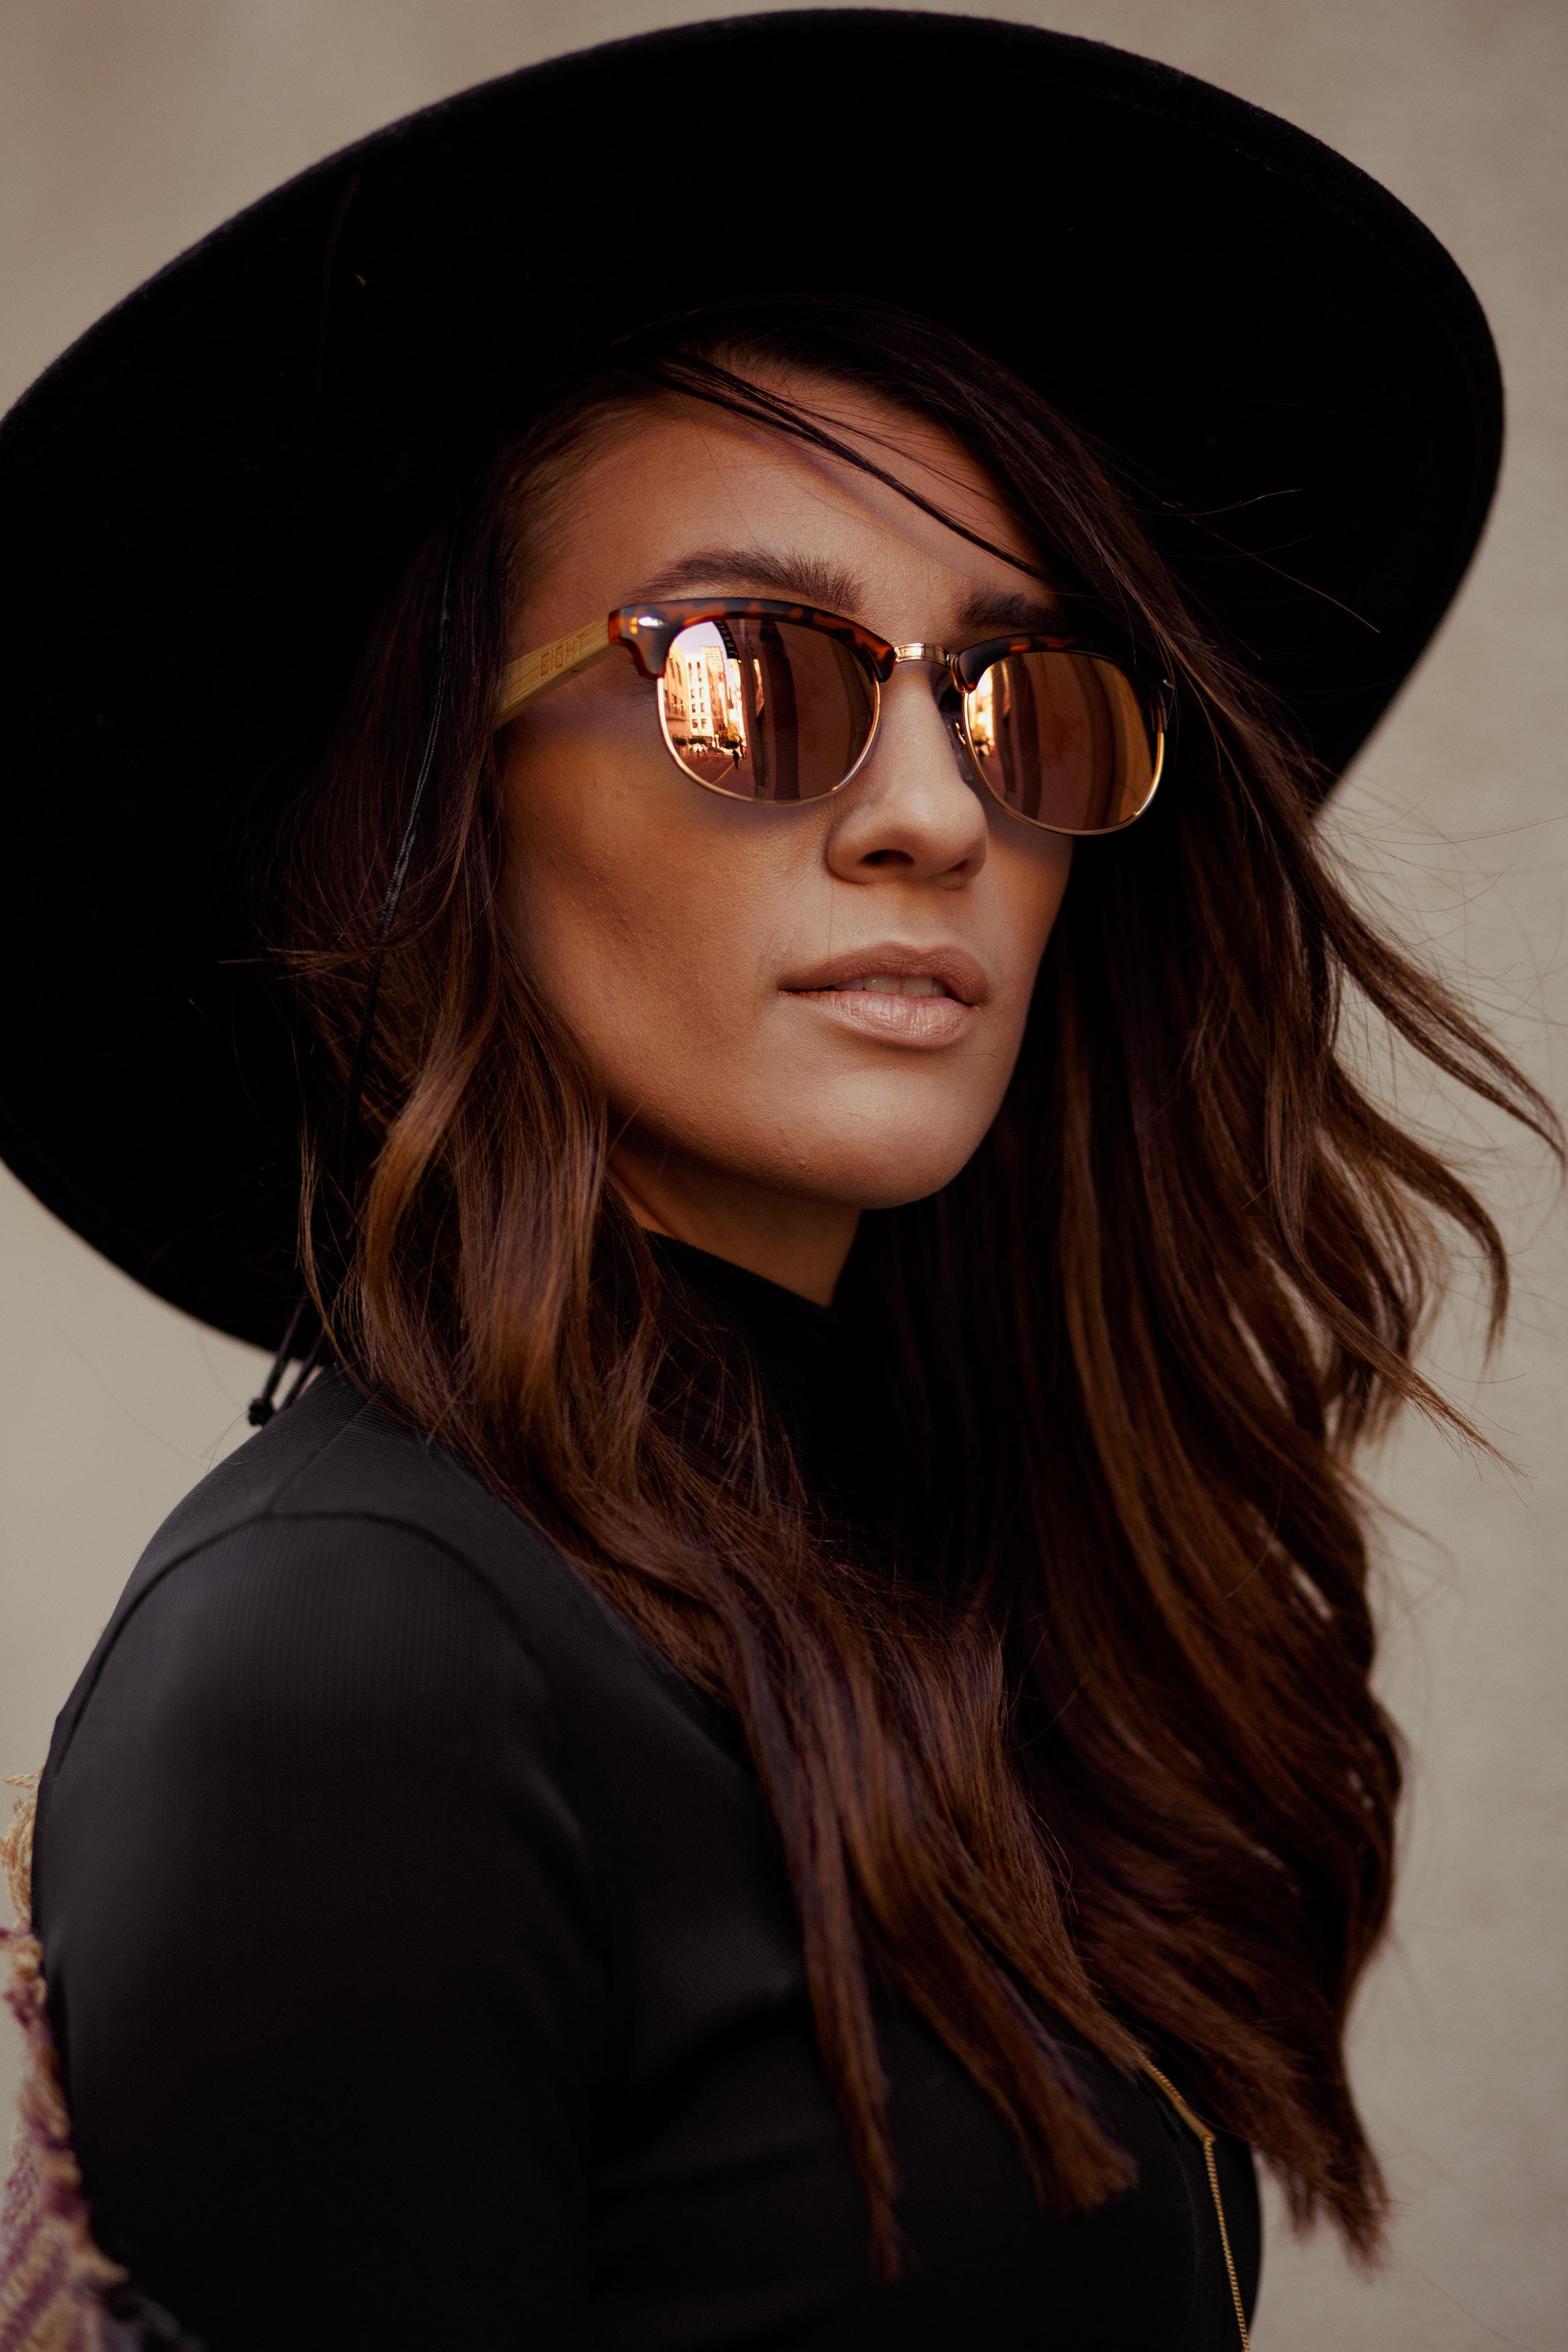 Elise_Gabriel_Fashion_Blogger_Model